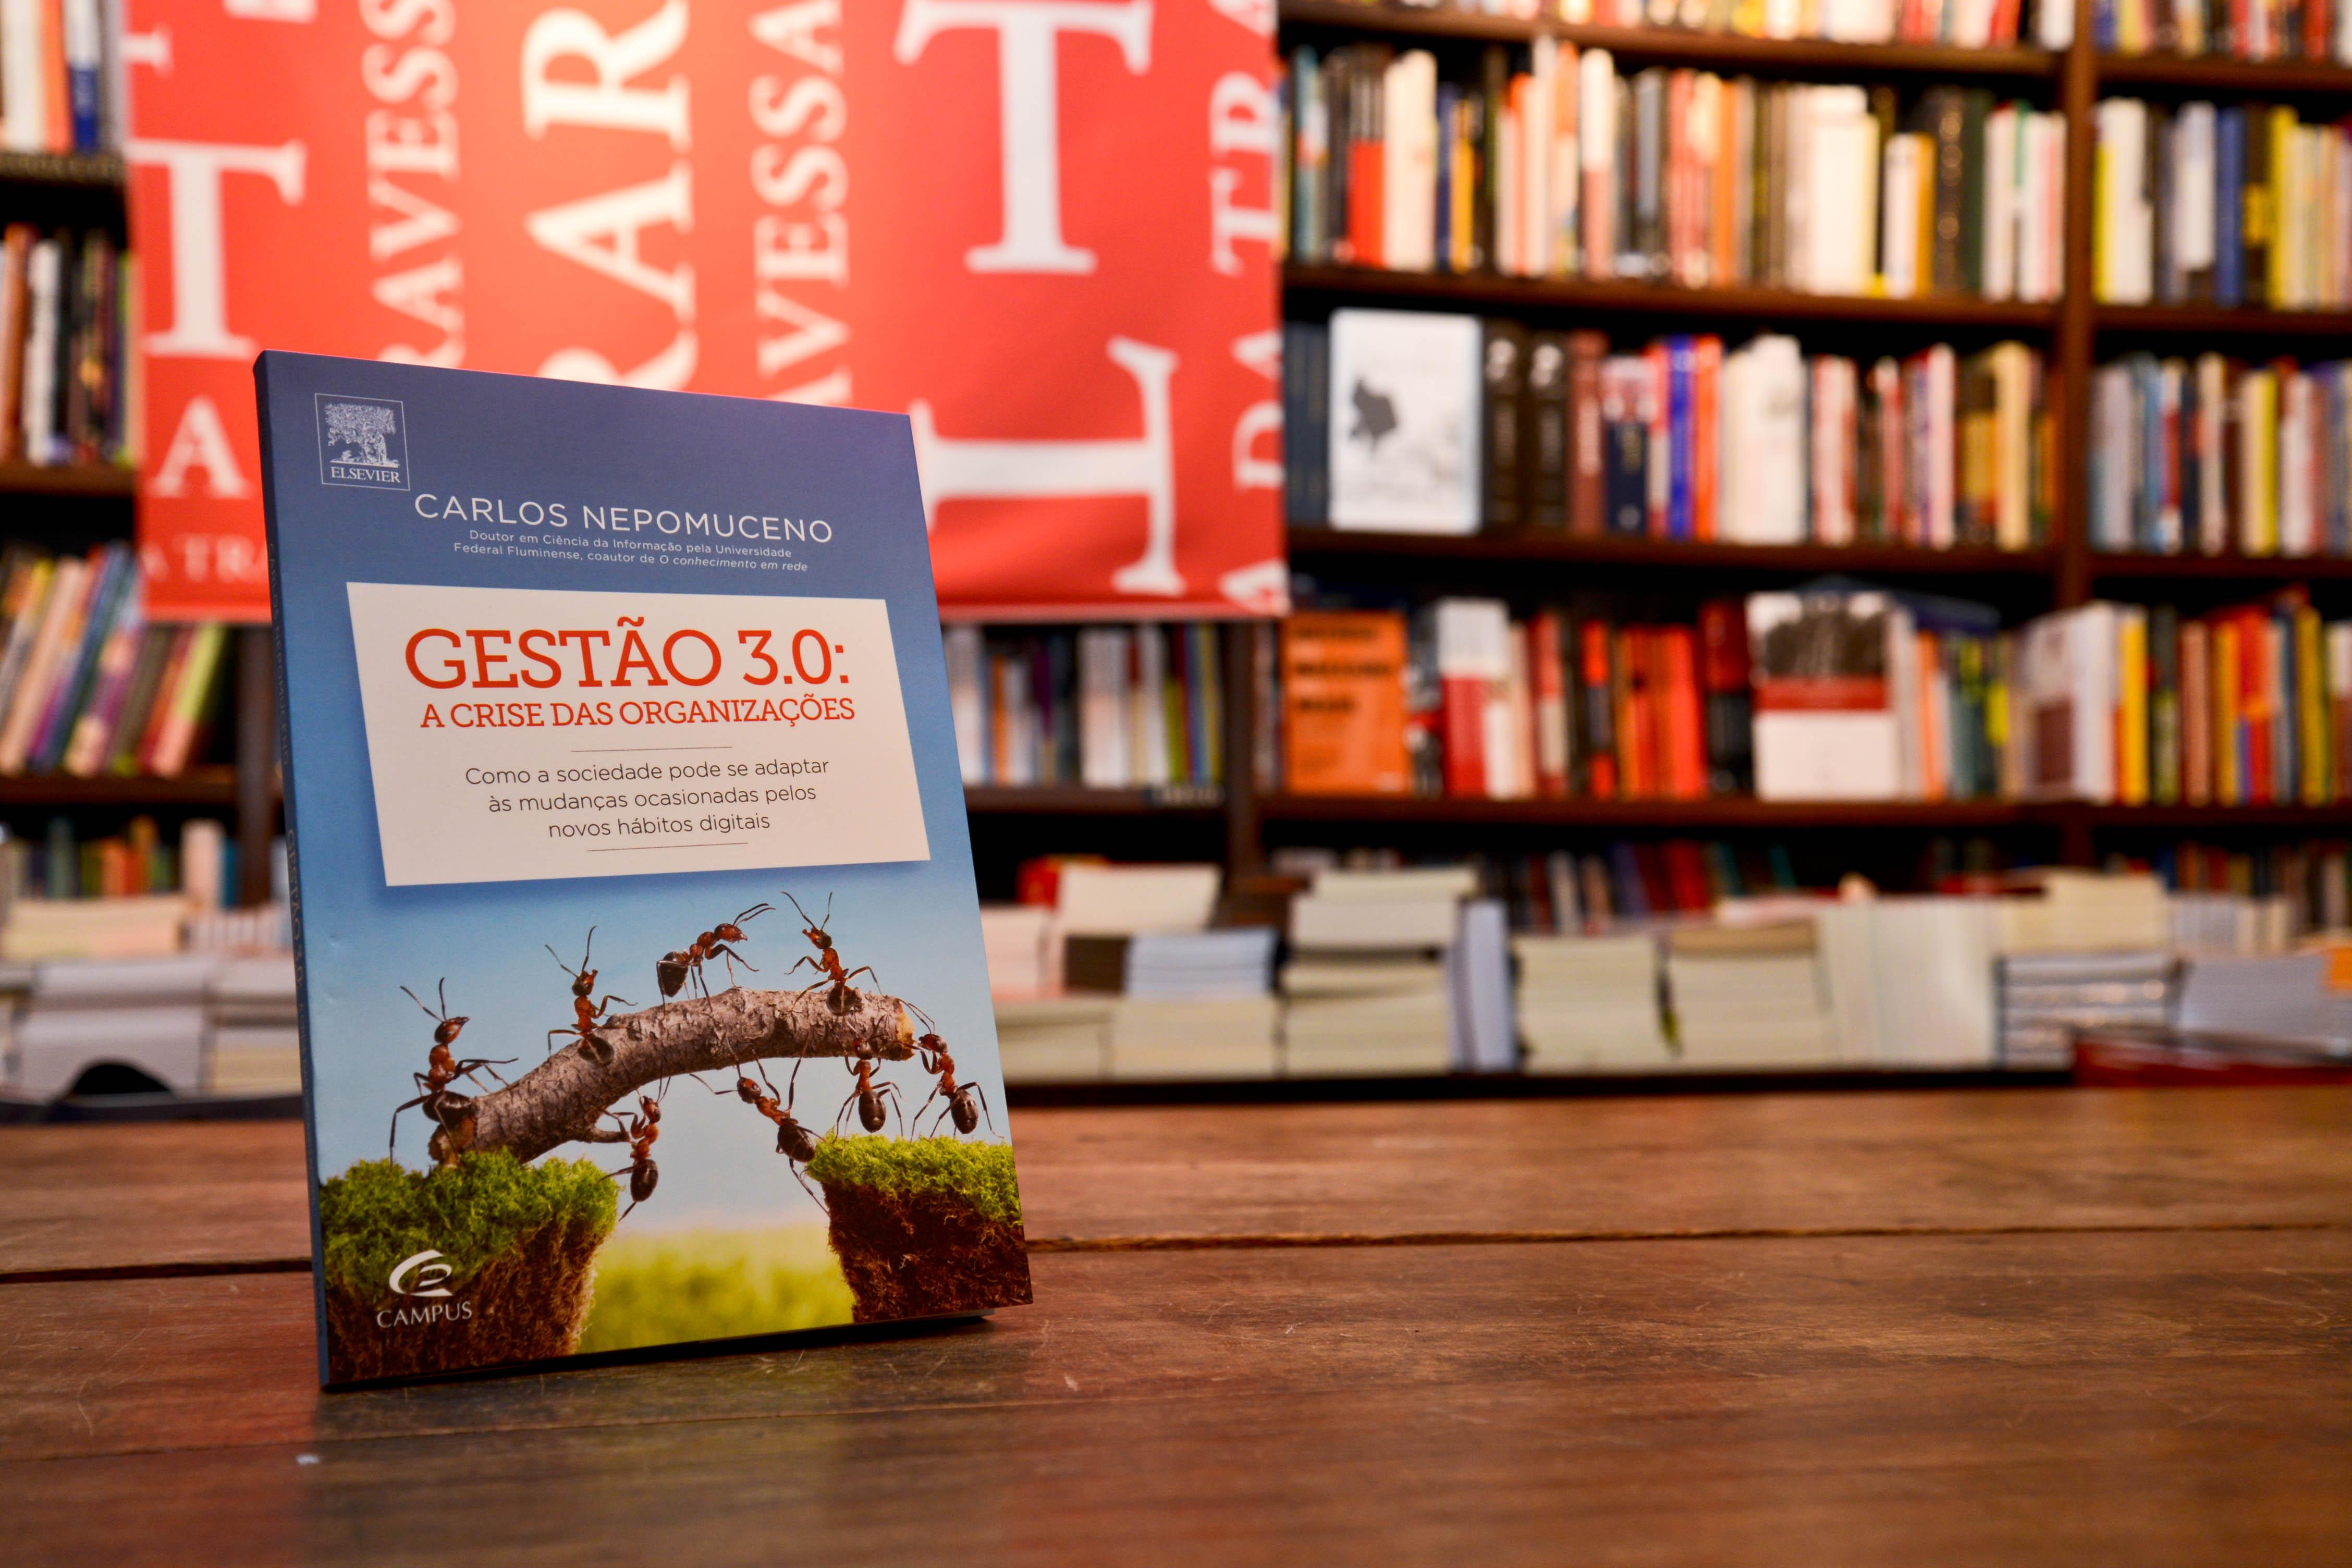 06Ago2013 - Lanç livro Gestão 3.0 - fotos Vanor Correia-7381